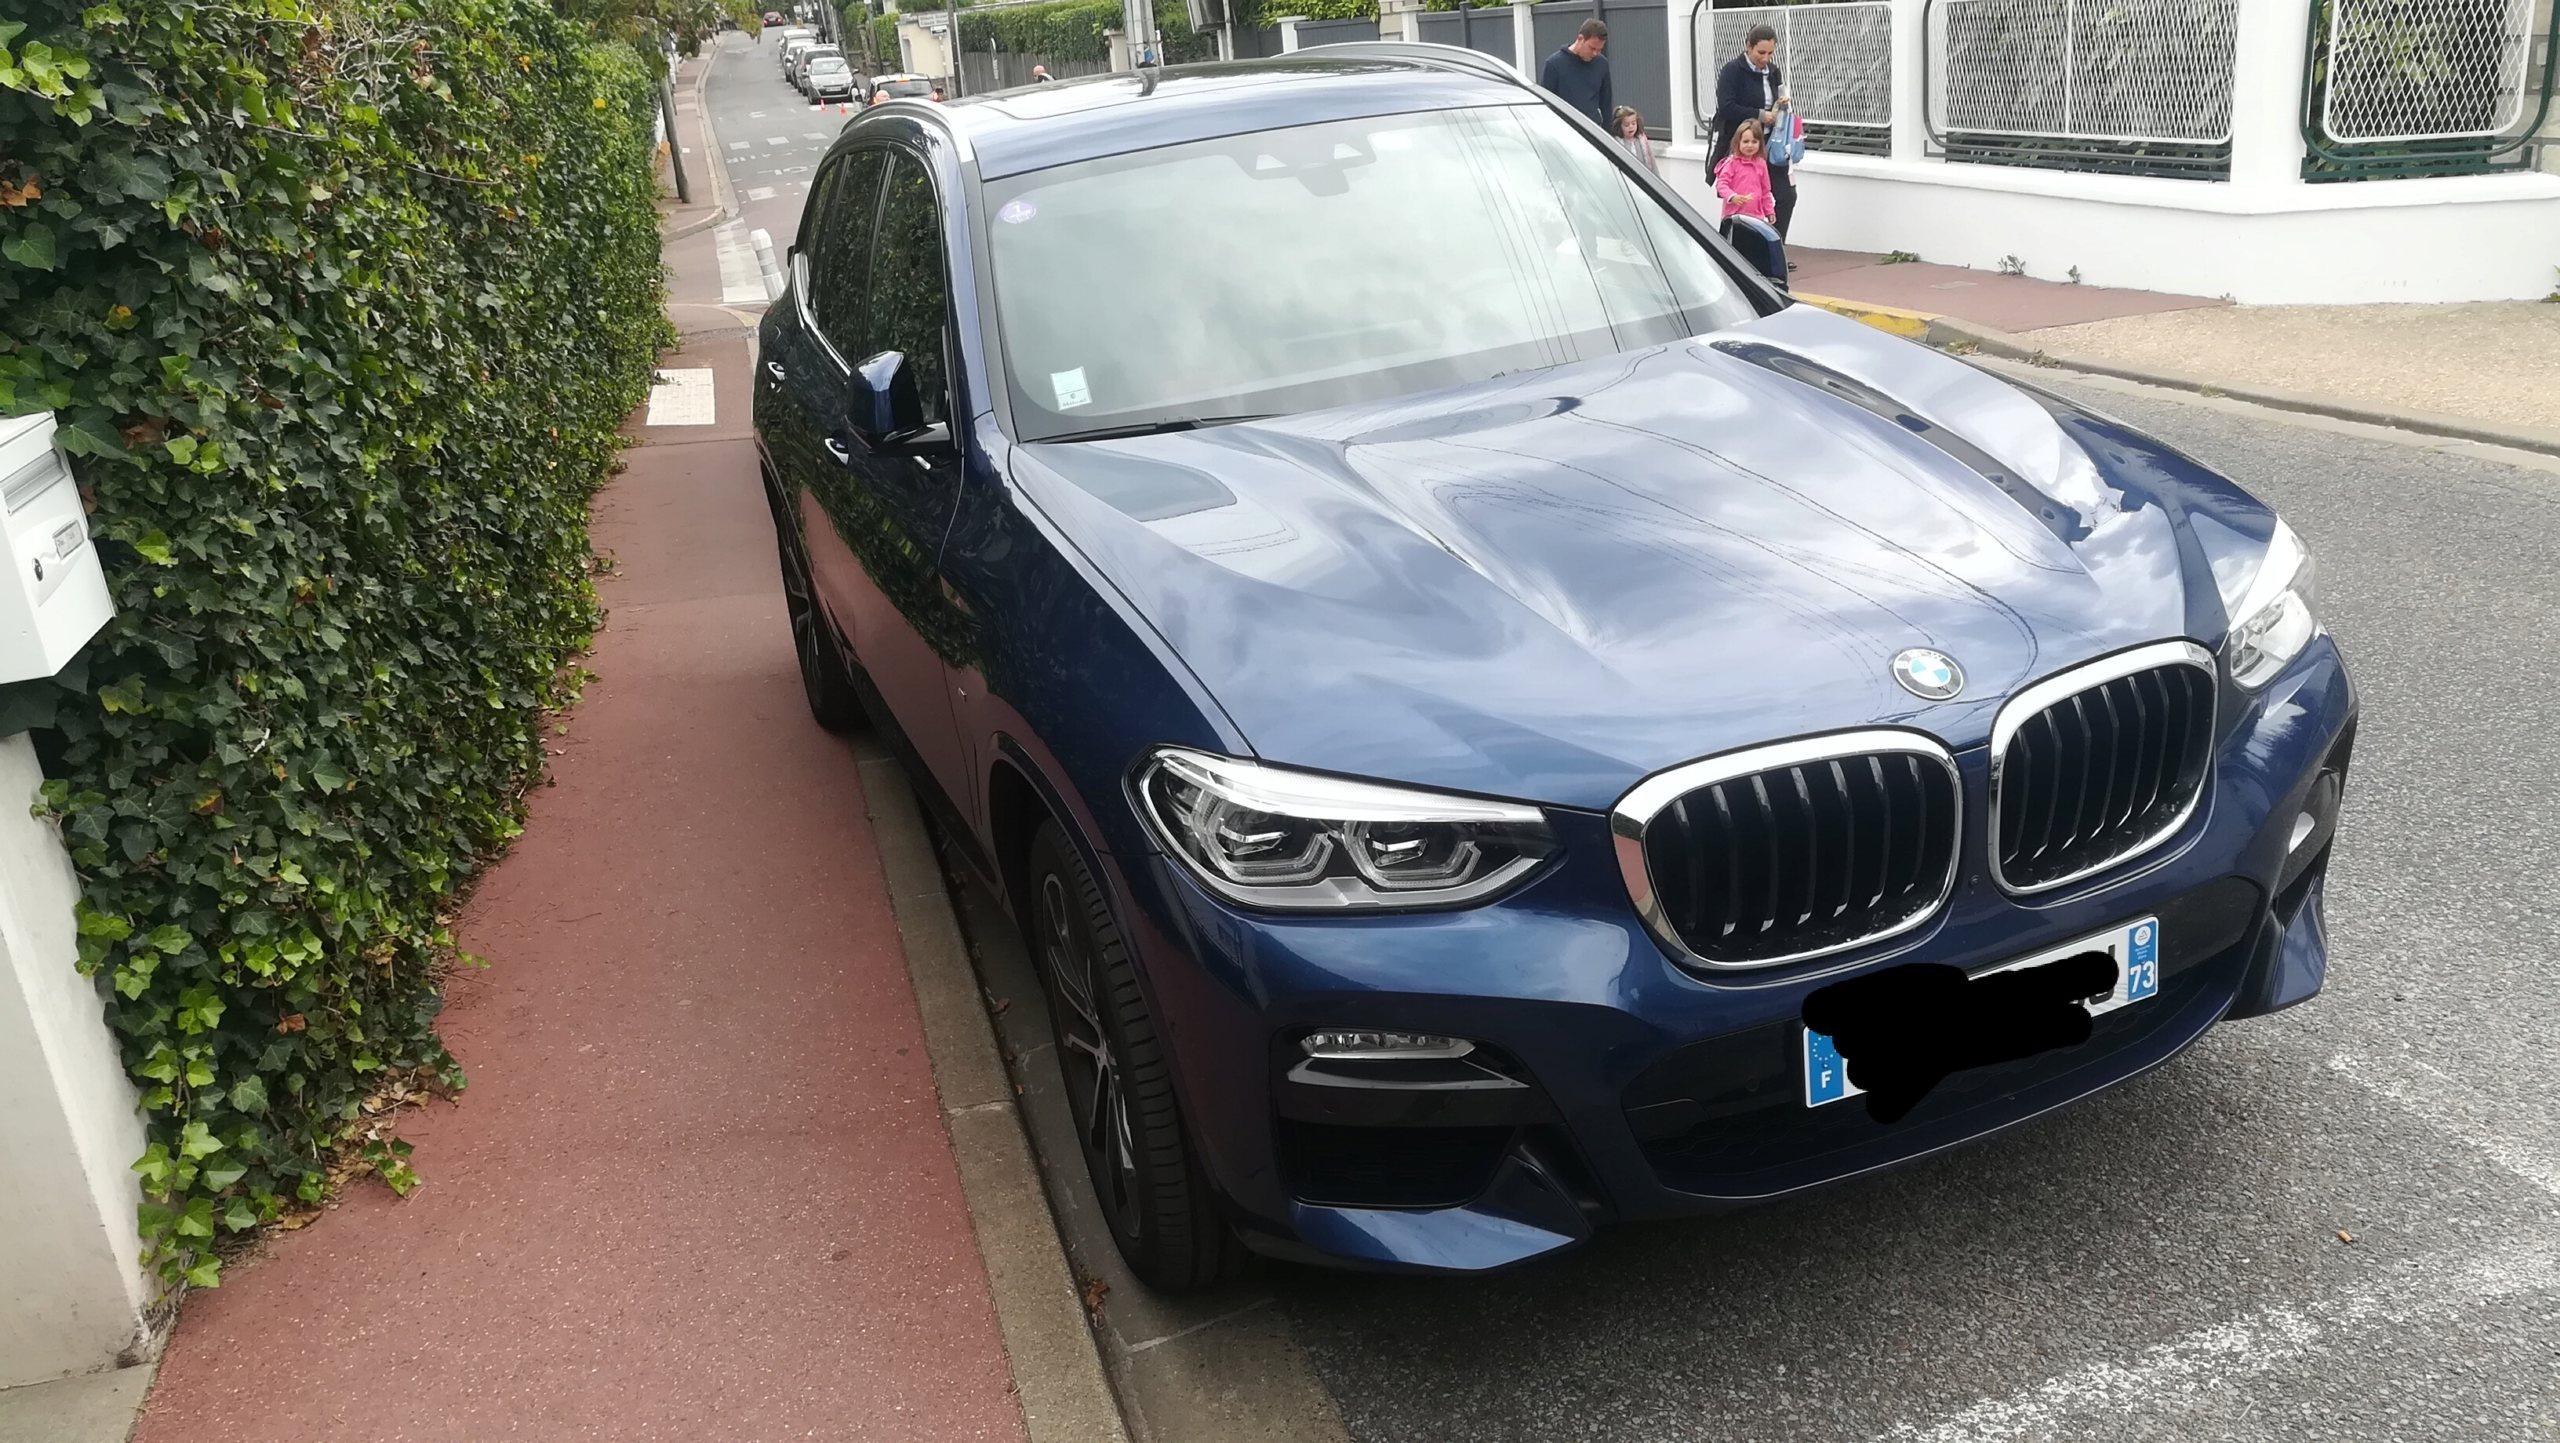 2018 - [BMW] X5 IV [G05] - Page 10 Img_2181